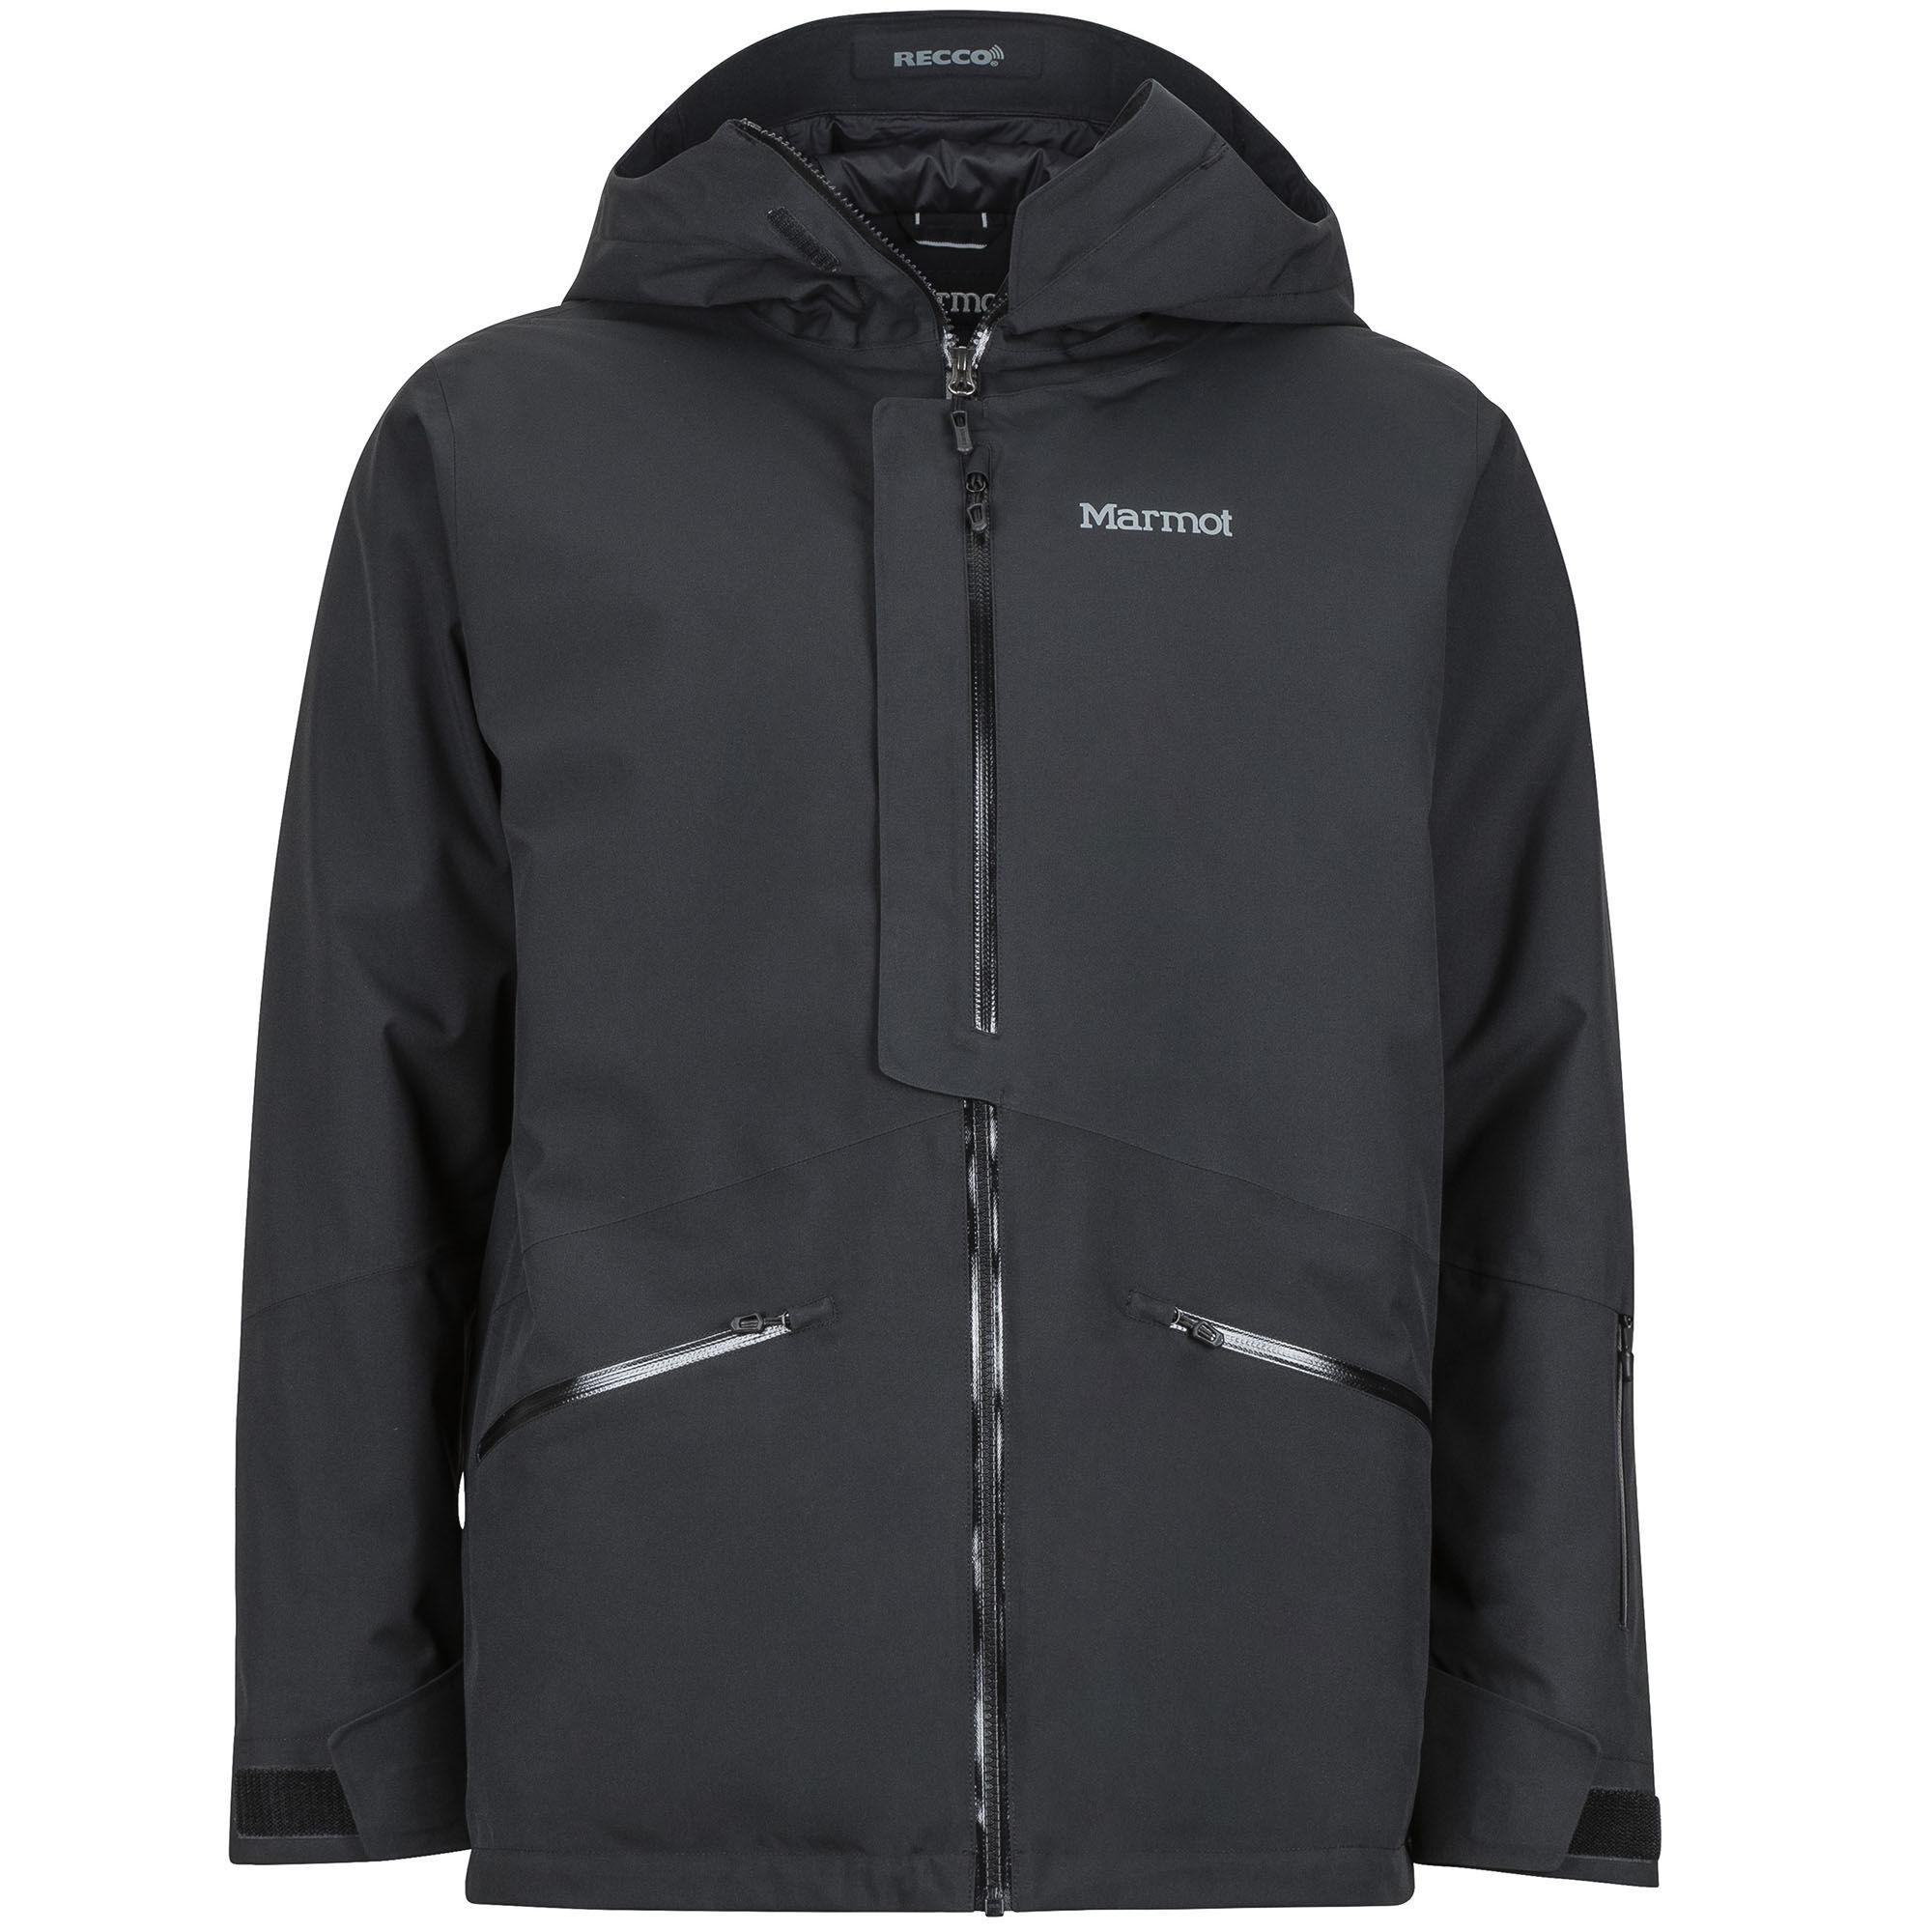 Steel Onyx Marmot Tumalo Short Sleeve Small Mens 44150-1515-S